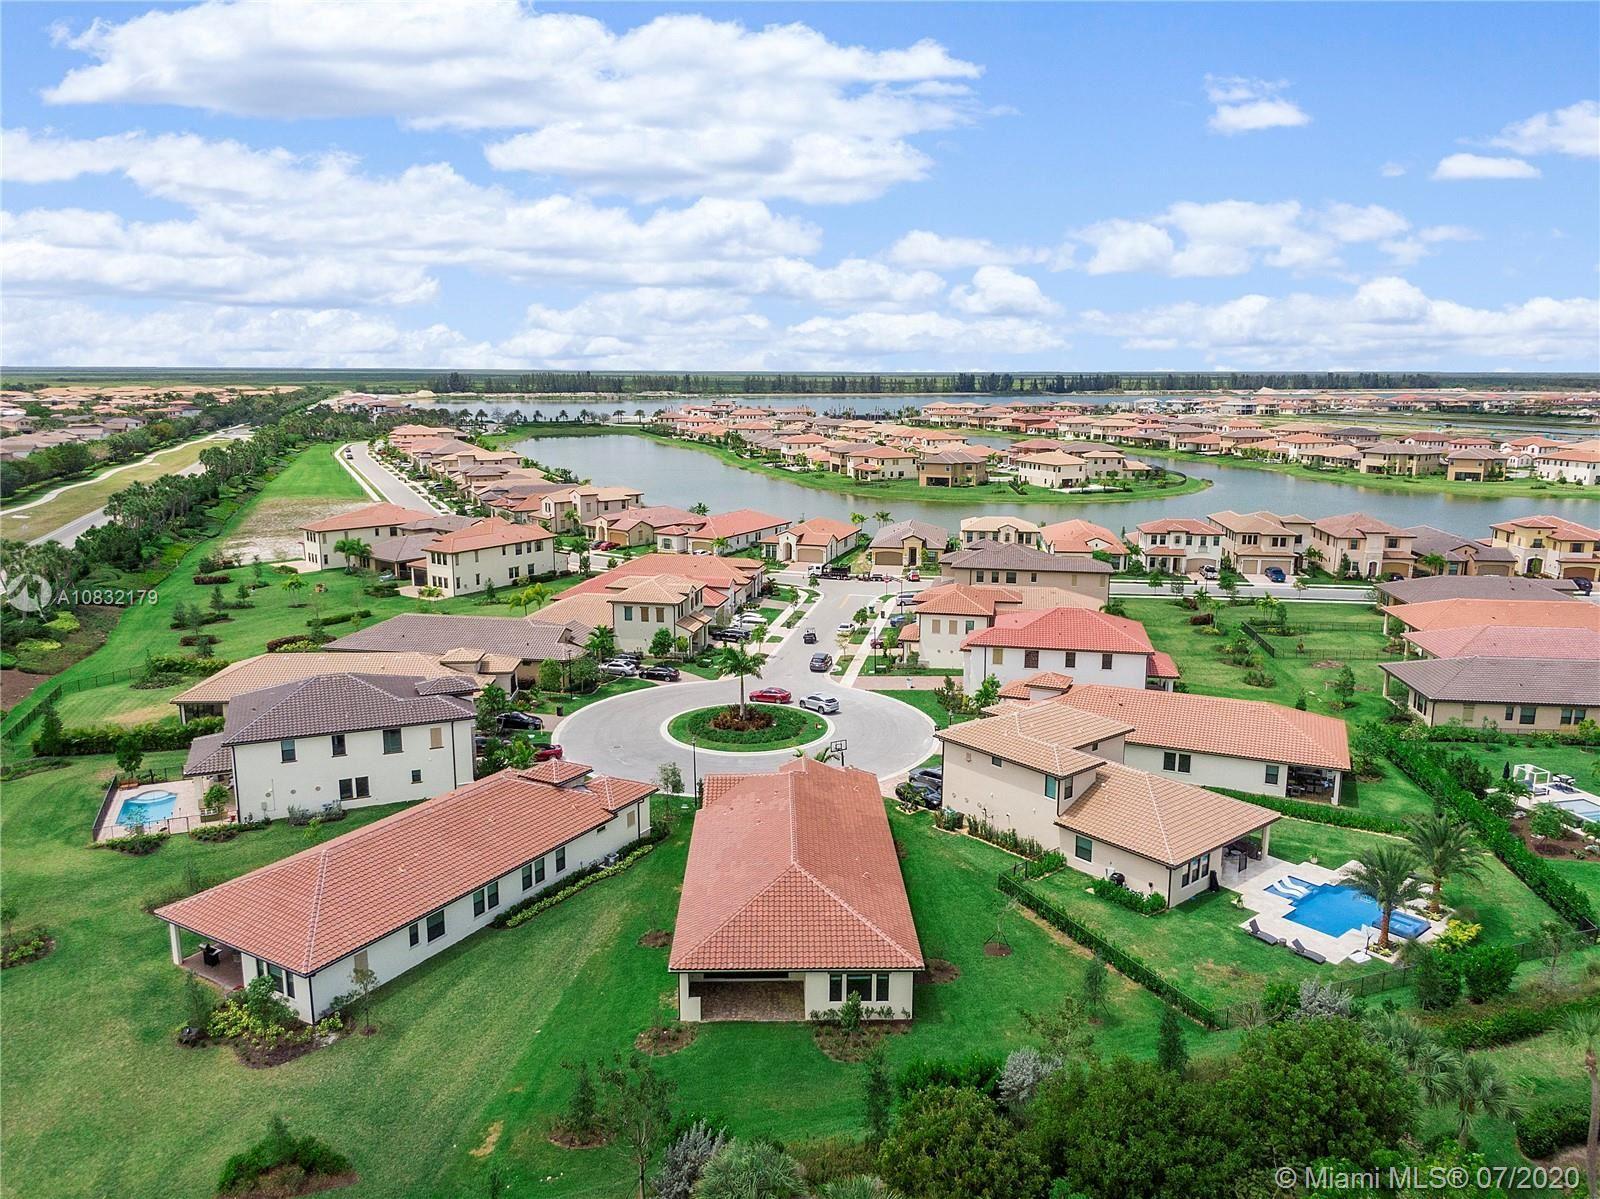 11715 Waterway Cir, Parkland, FL 33076 - #: A10832179